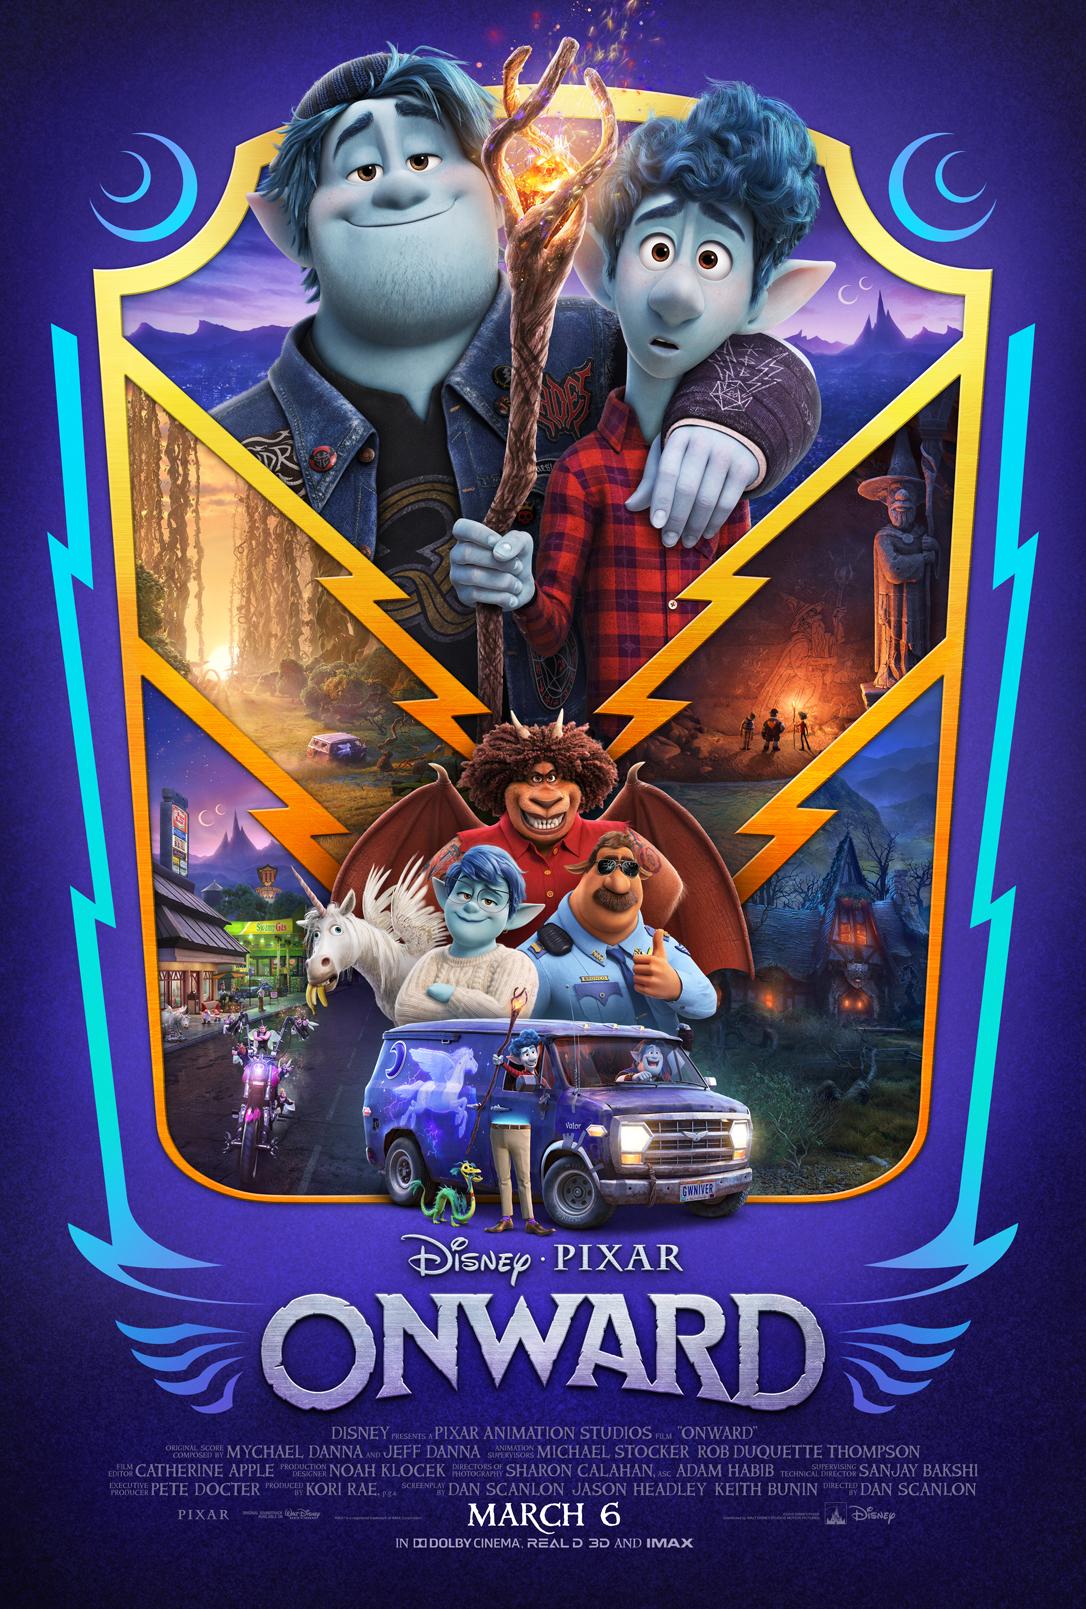 Póster de Onward (2020). Imagen: Disney and Pixar's Onward Twitter (@pixaronward).